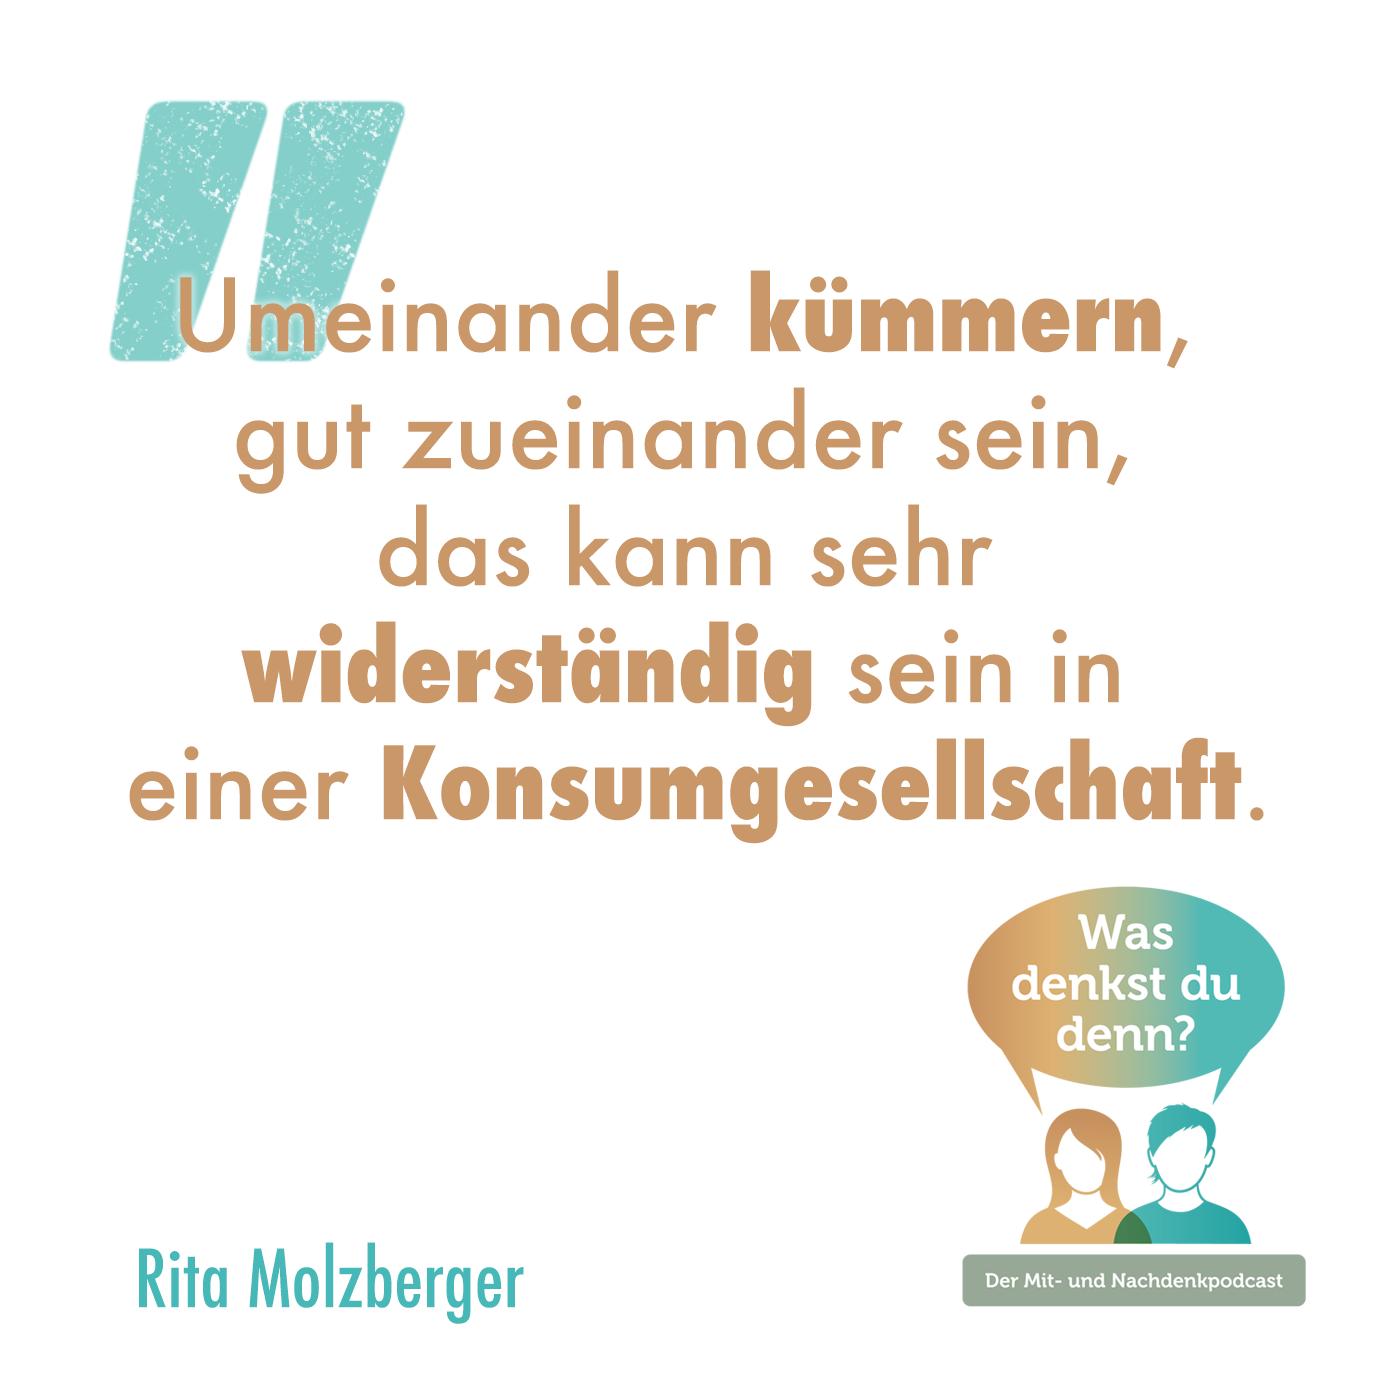 Umeinander kümmern, gut zueinander sein, das kann sehr widerständig sein in einer Konsumgesellschaft. - Zitat von Rita Molzberger